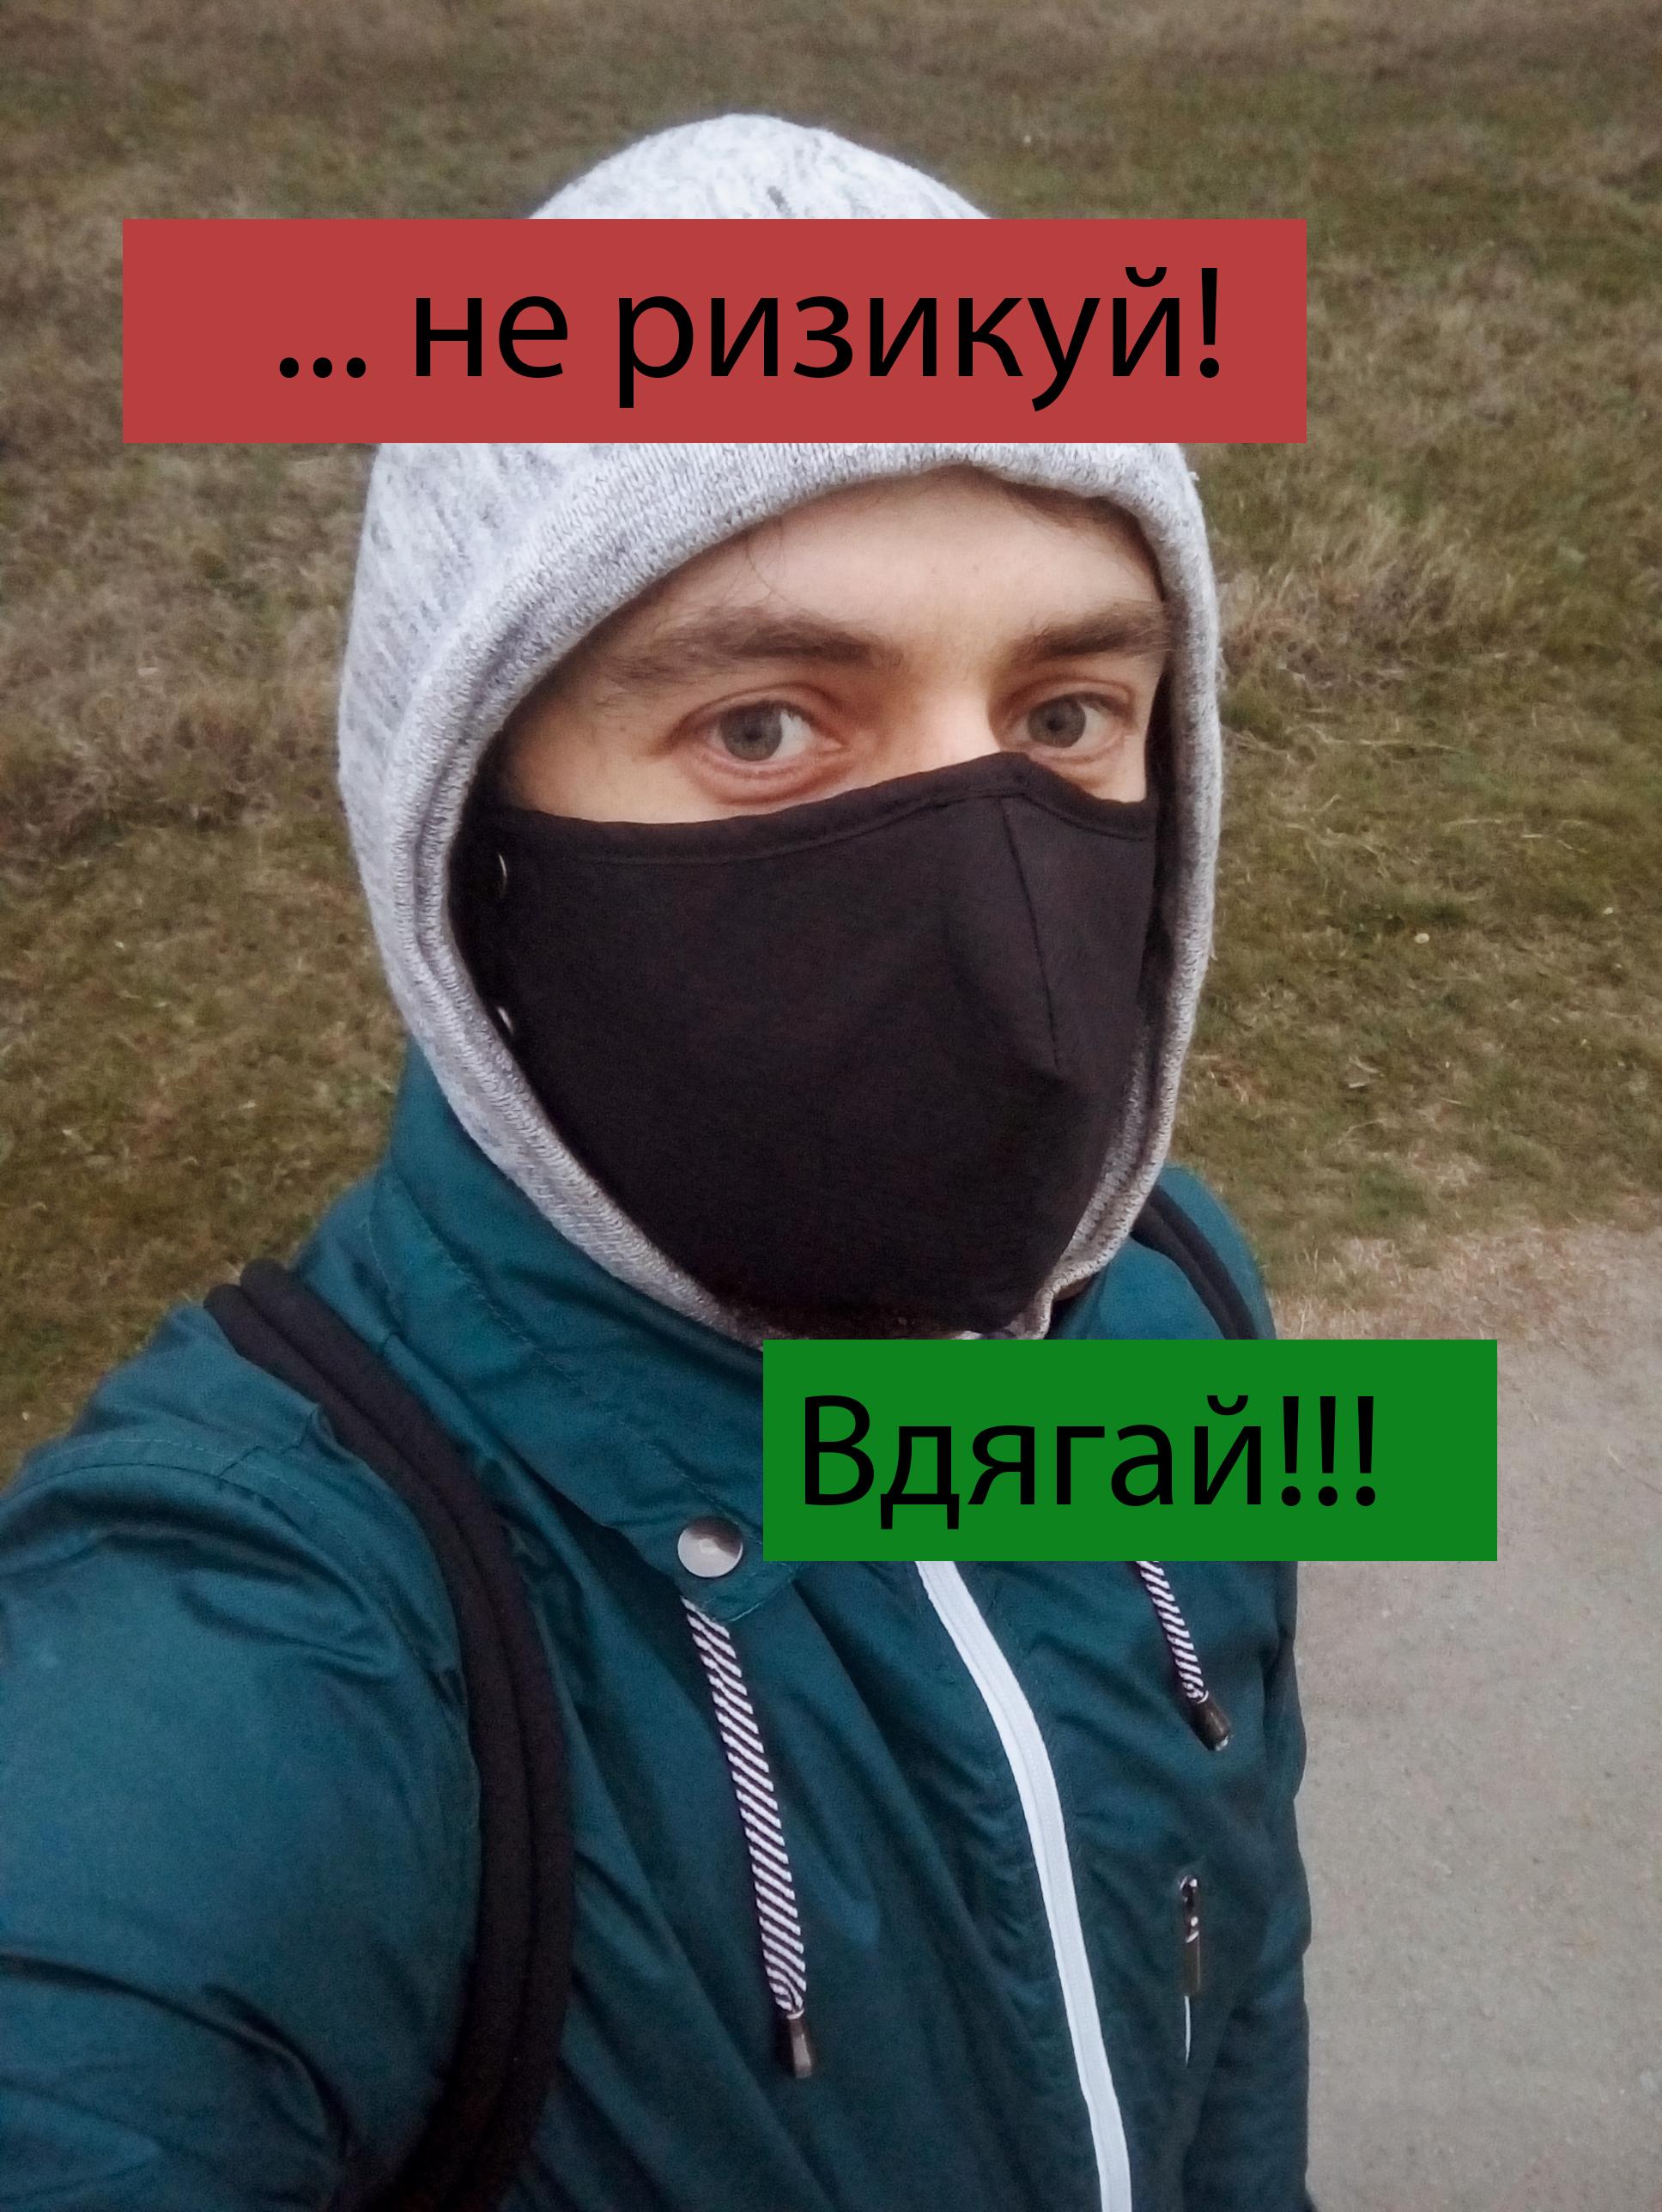 Не рискуй! Одевай! Человек в маске СтопКоронаВирус